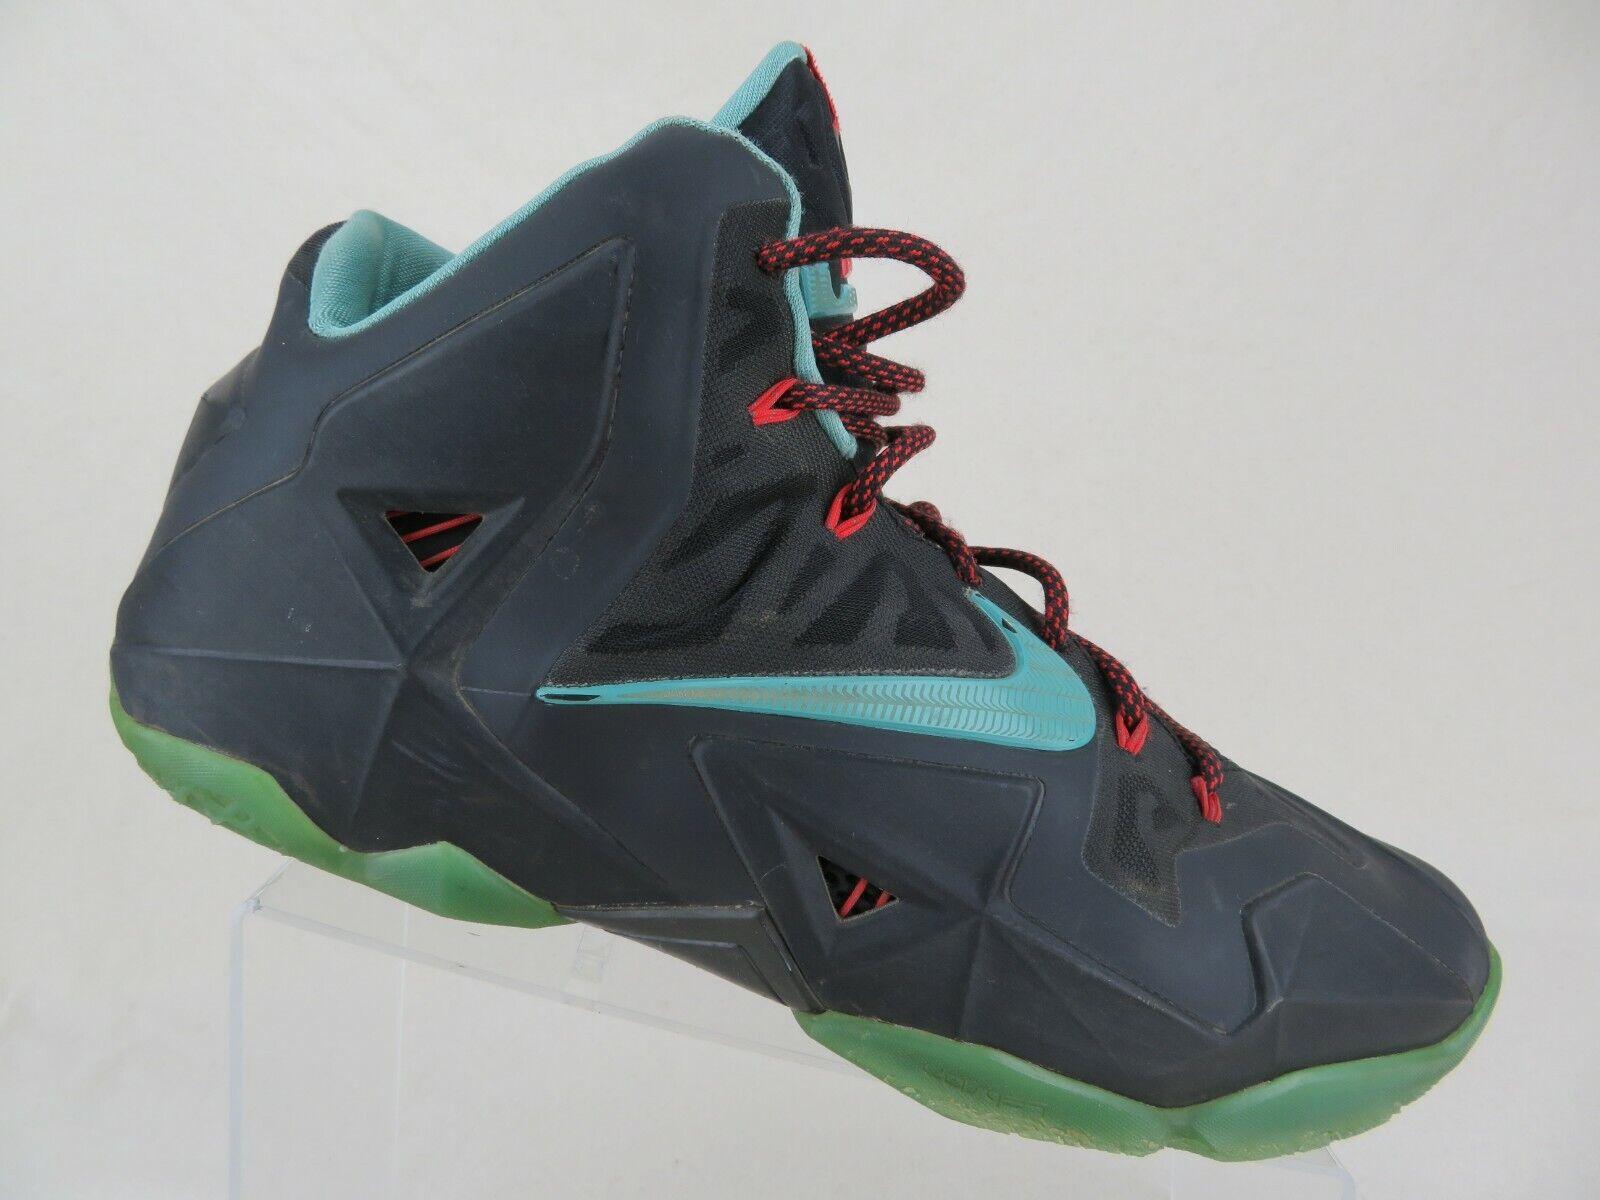 NIKE Lebron 11 XI Black Sz 13 Men South Beach Basketball shoes